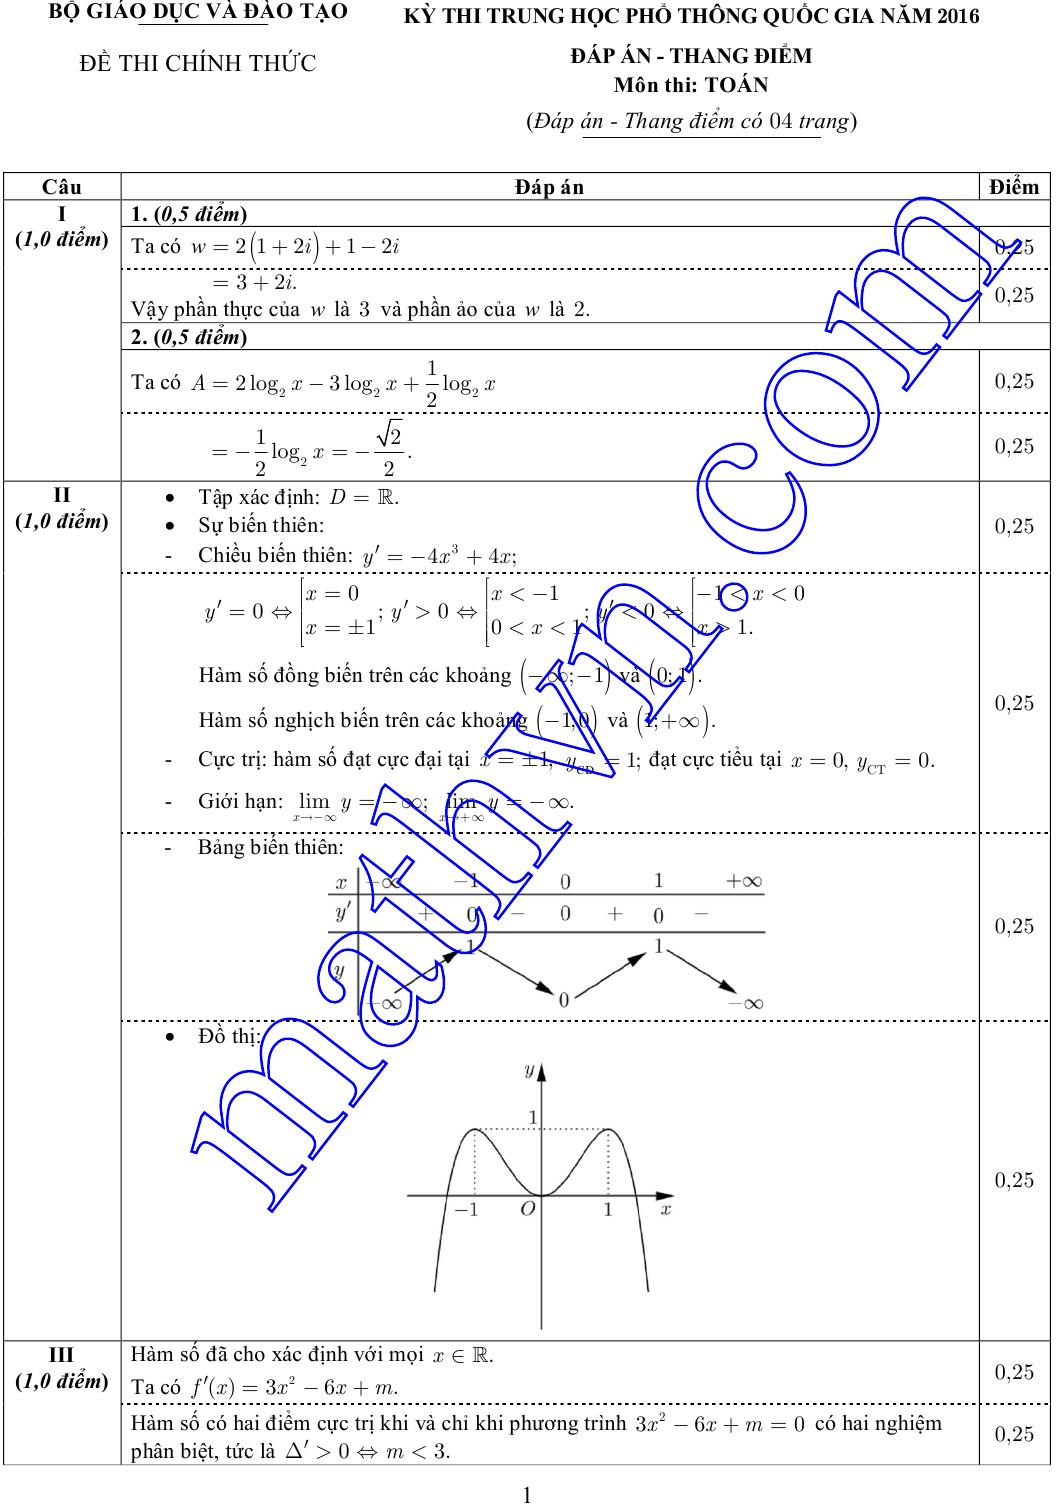 đáp án chính thức môn toán 2016 của bộ giáo dục